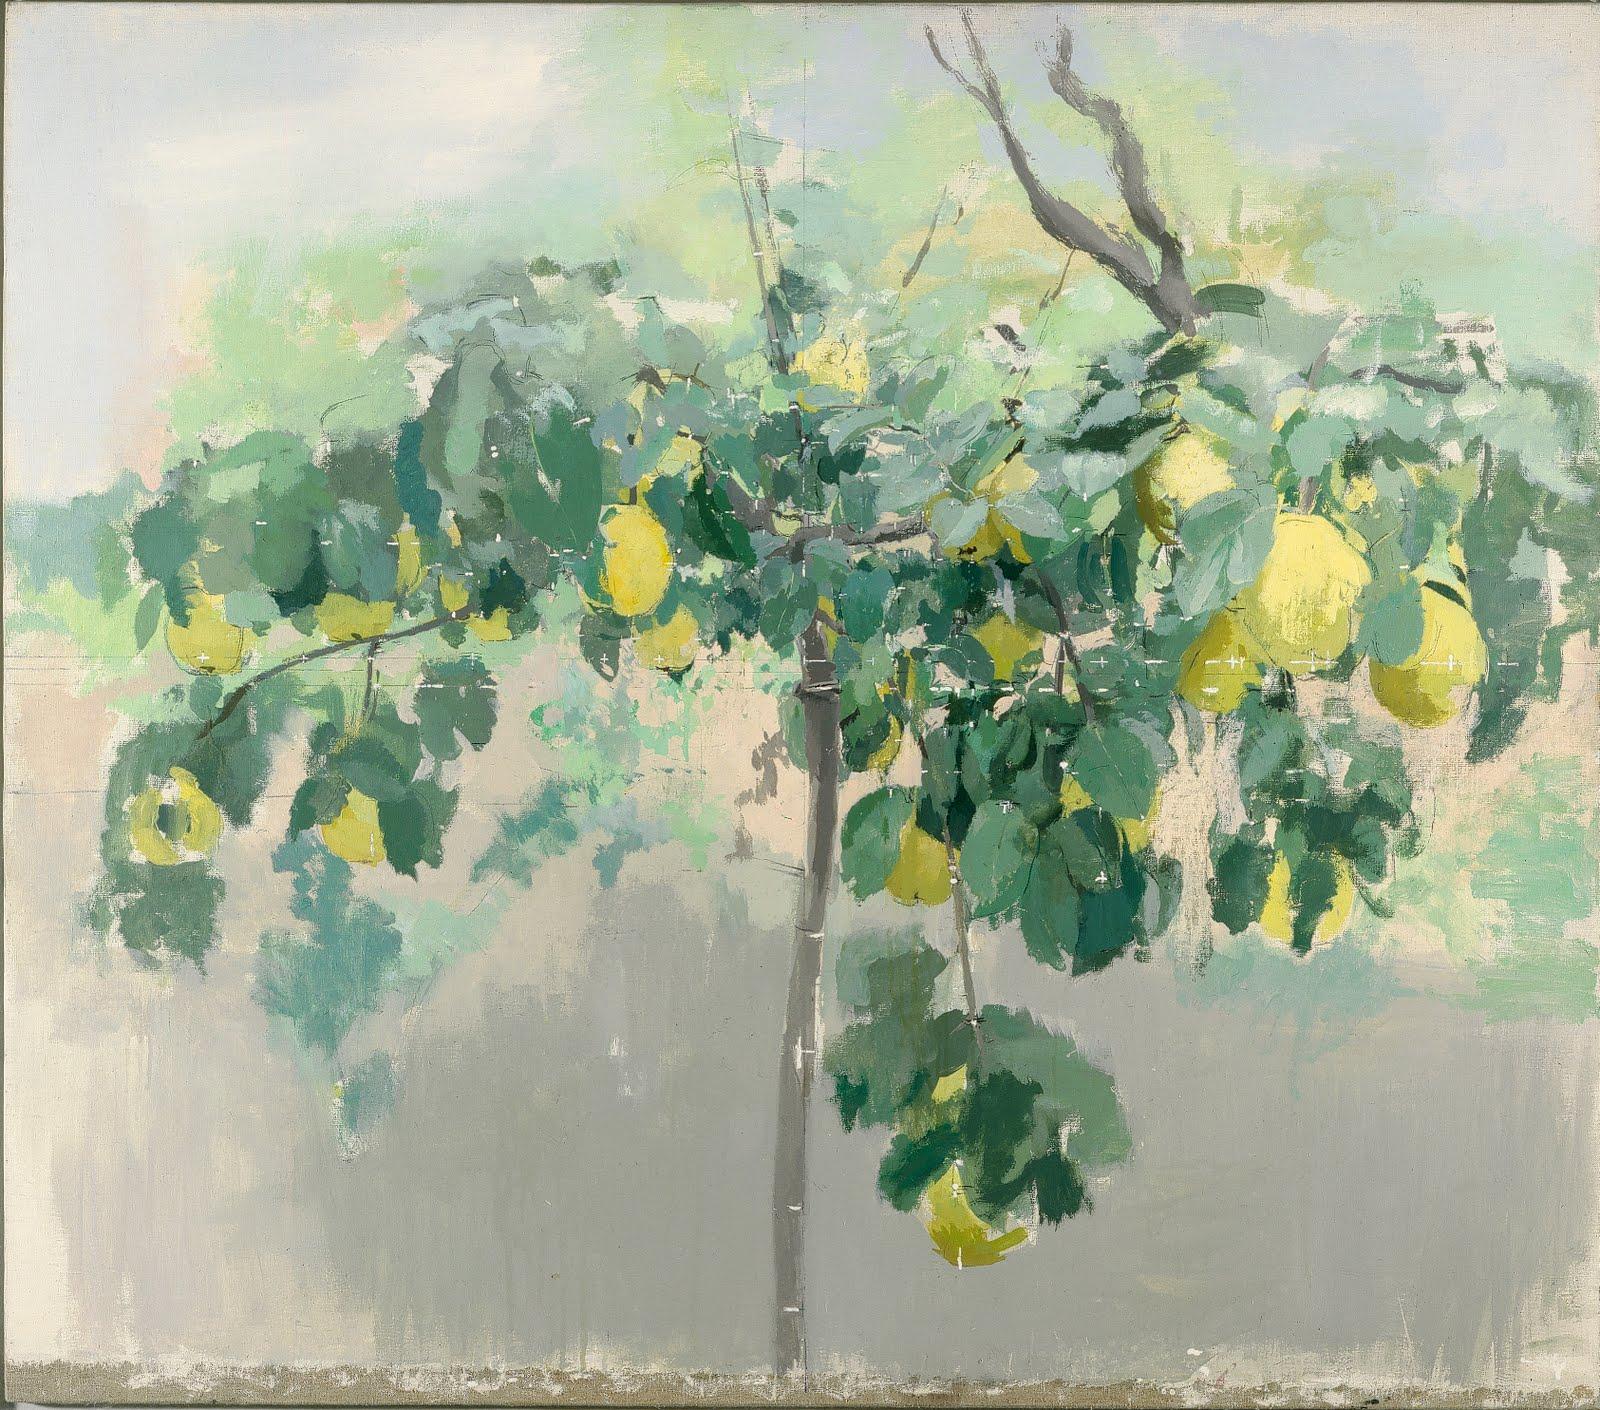 Mi kaos blanca 144 hay pintura y pintura - Laminas antonio lopez ...